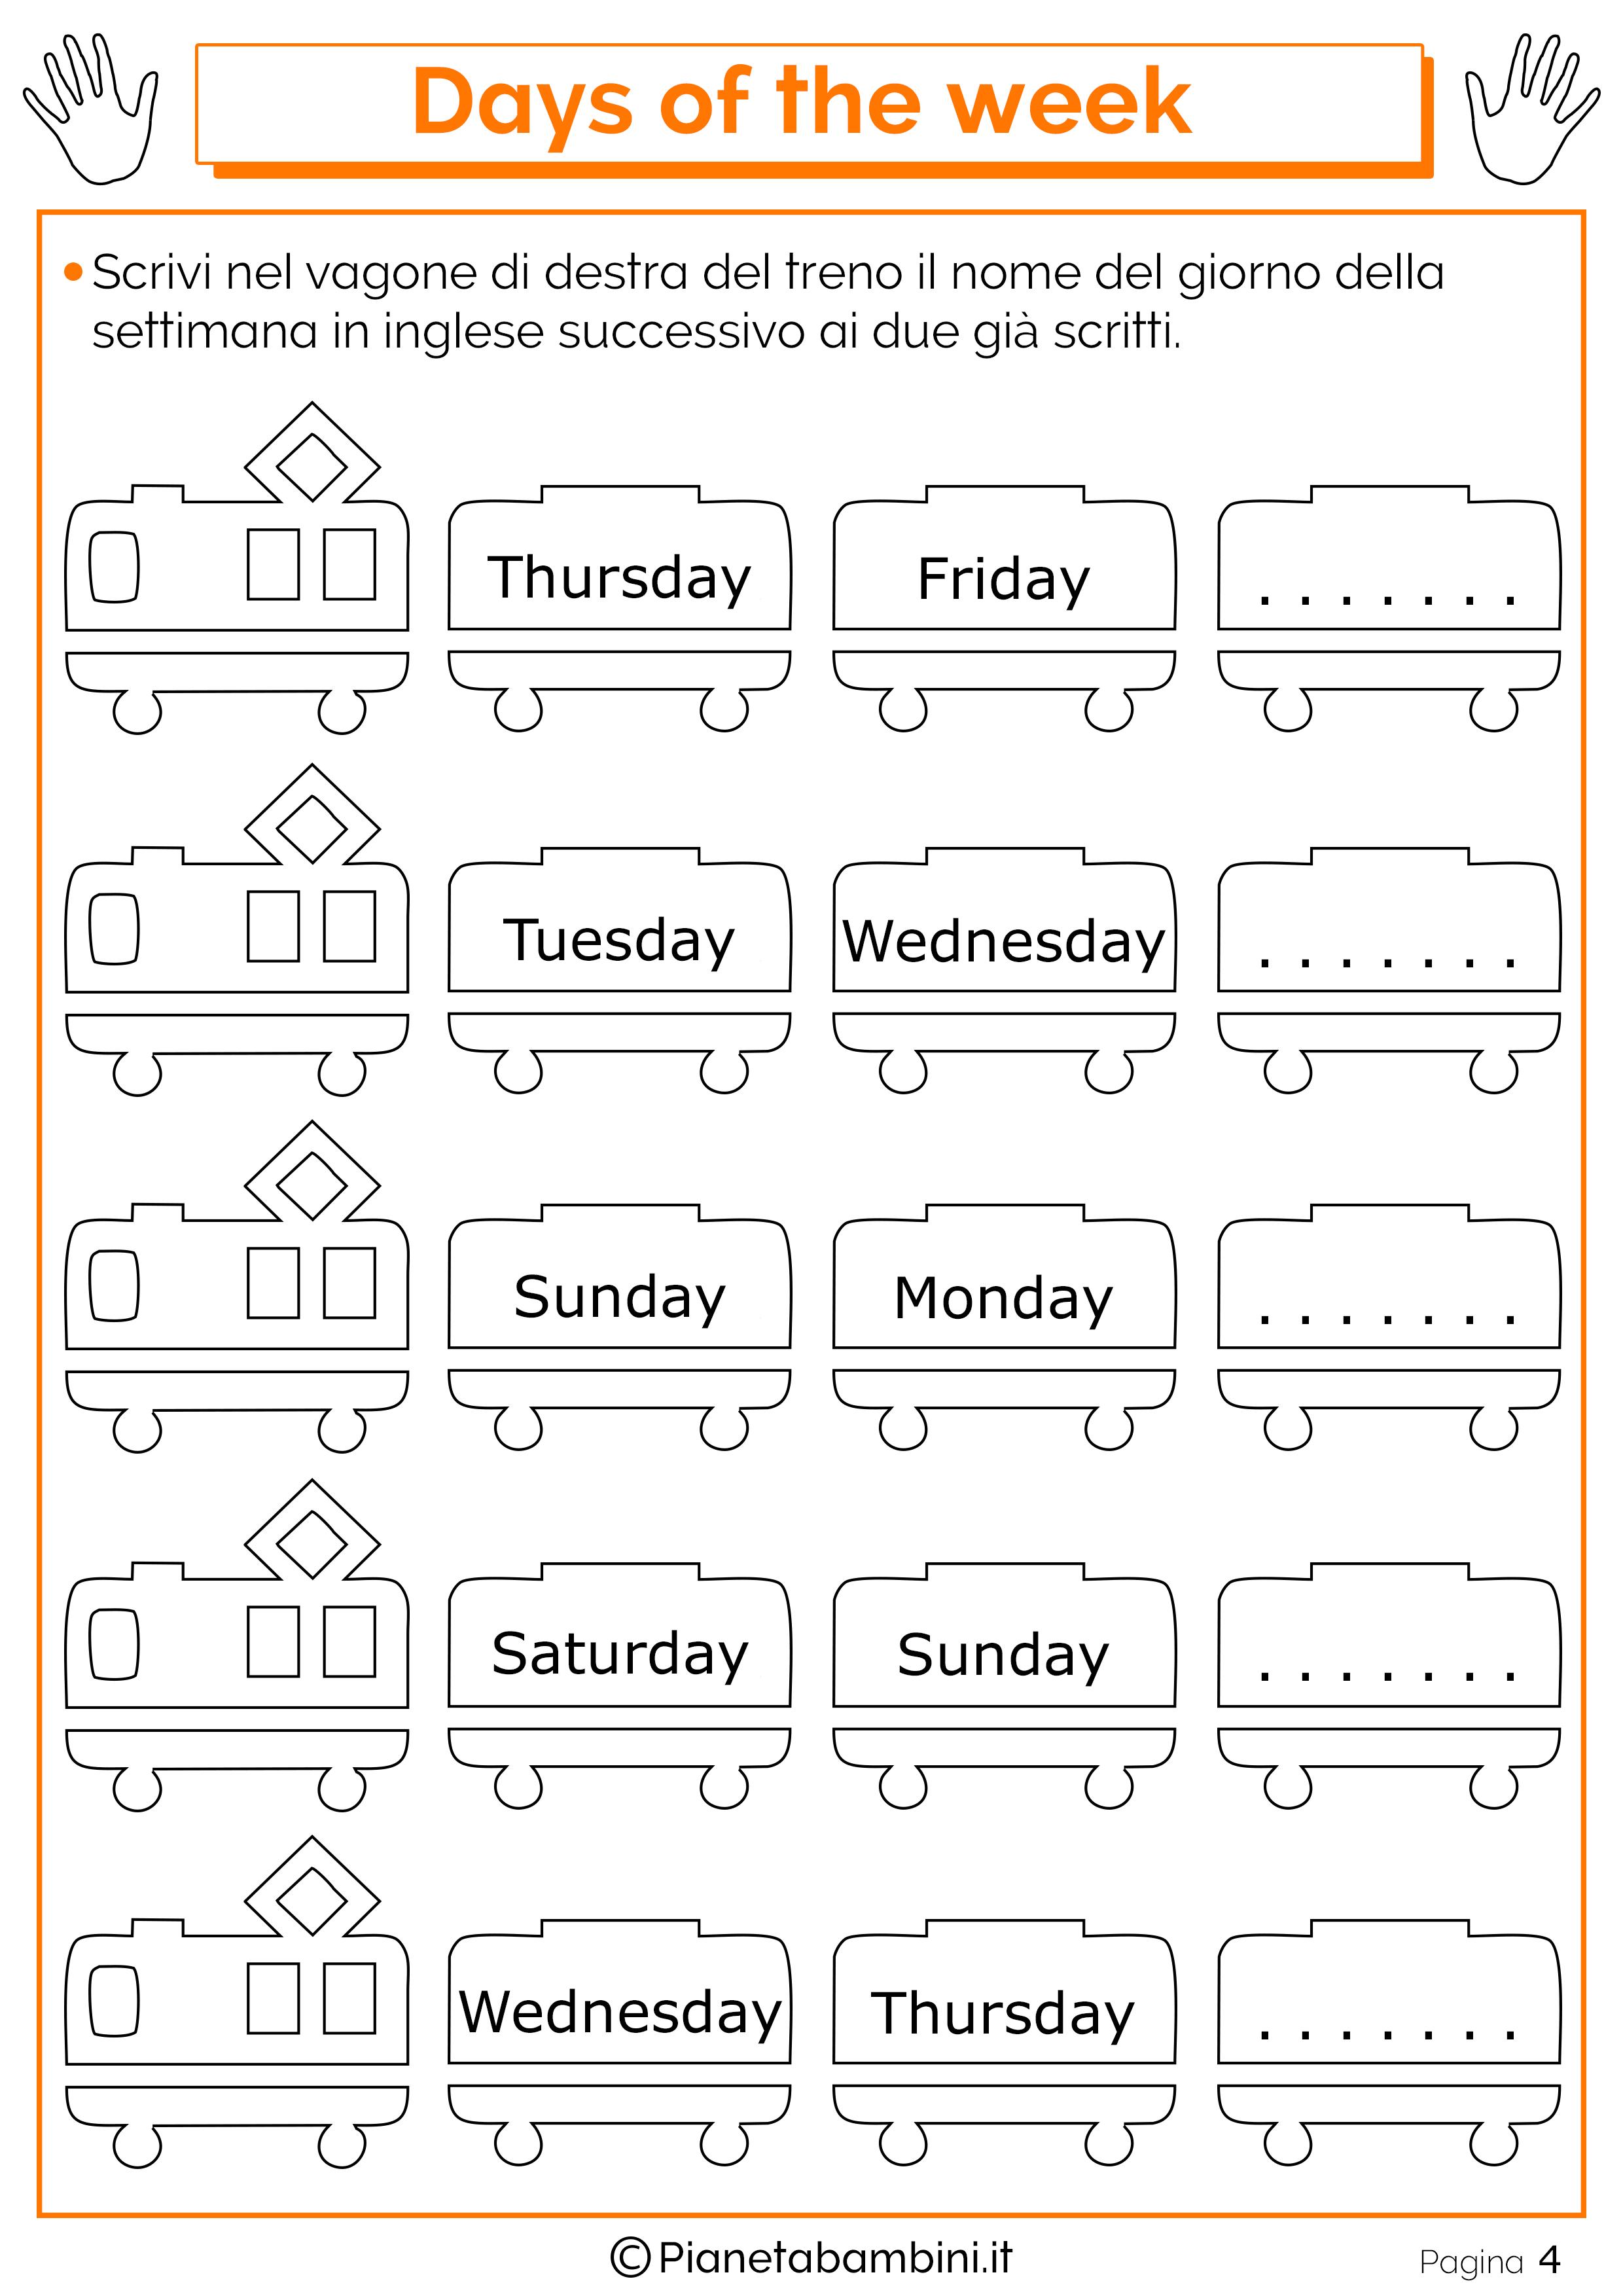 Conosciuto Giorni della Settimana in Inglese per Bambini: Schede Didattiche  ND97